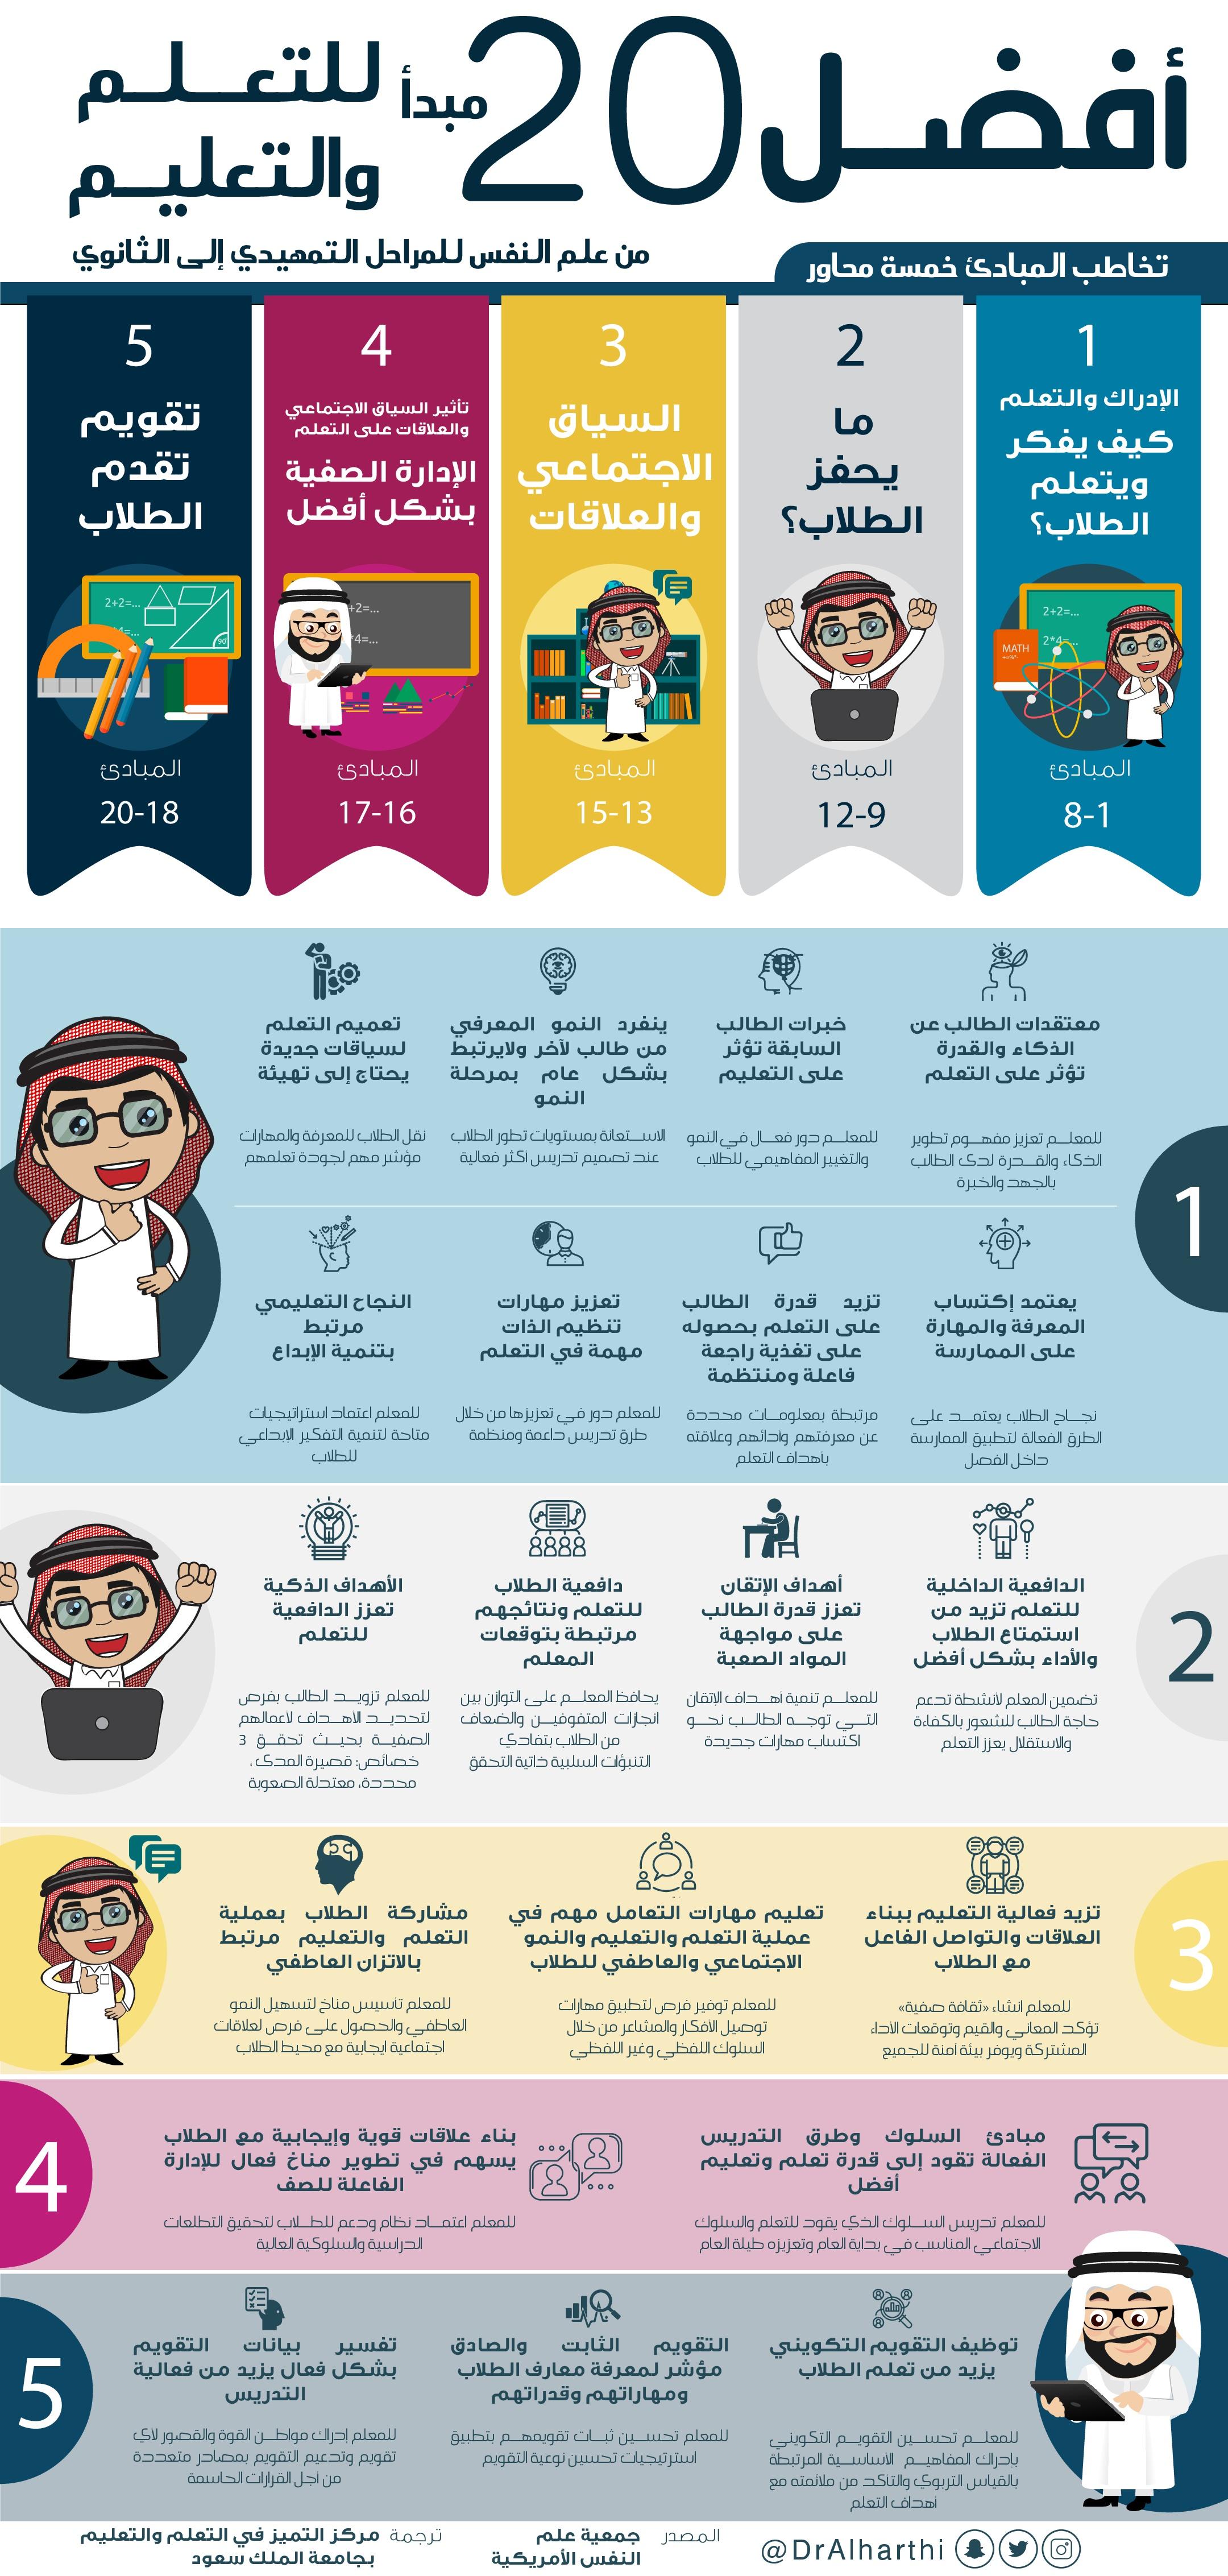 أفضل 20 مبدأ من علم النفس للتعلم والتعليم للمراحل من التمهيدي إلى الثانوي